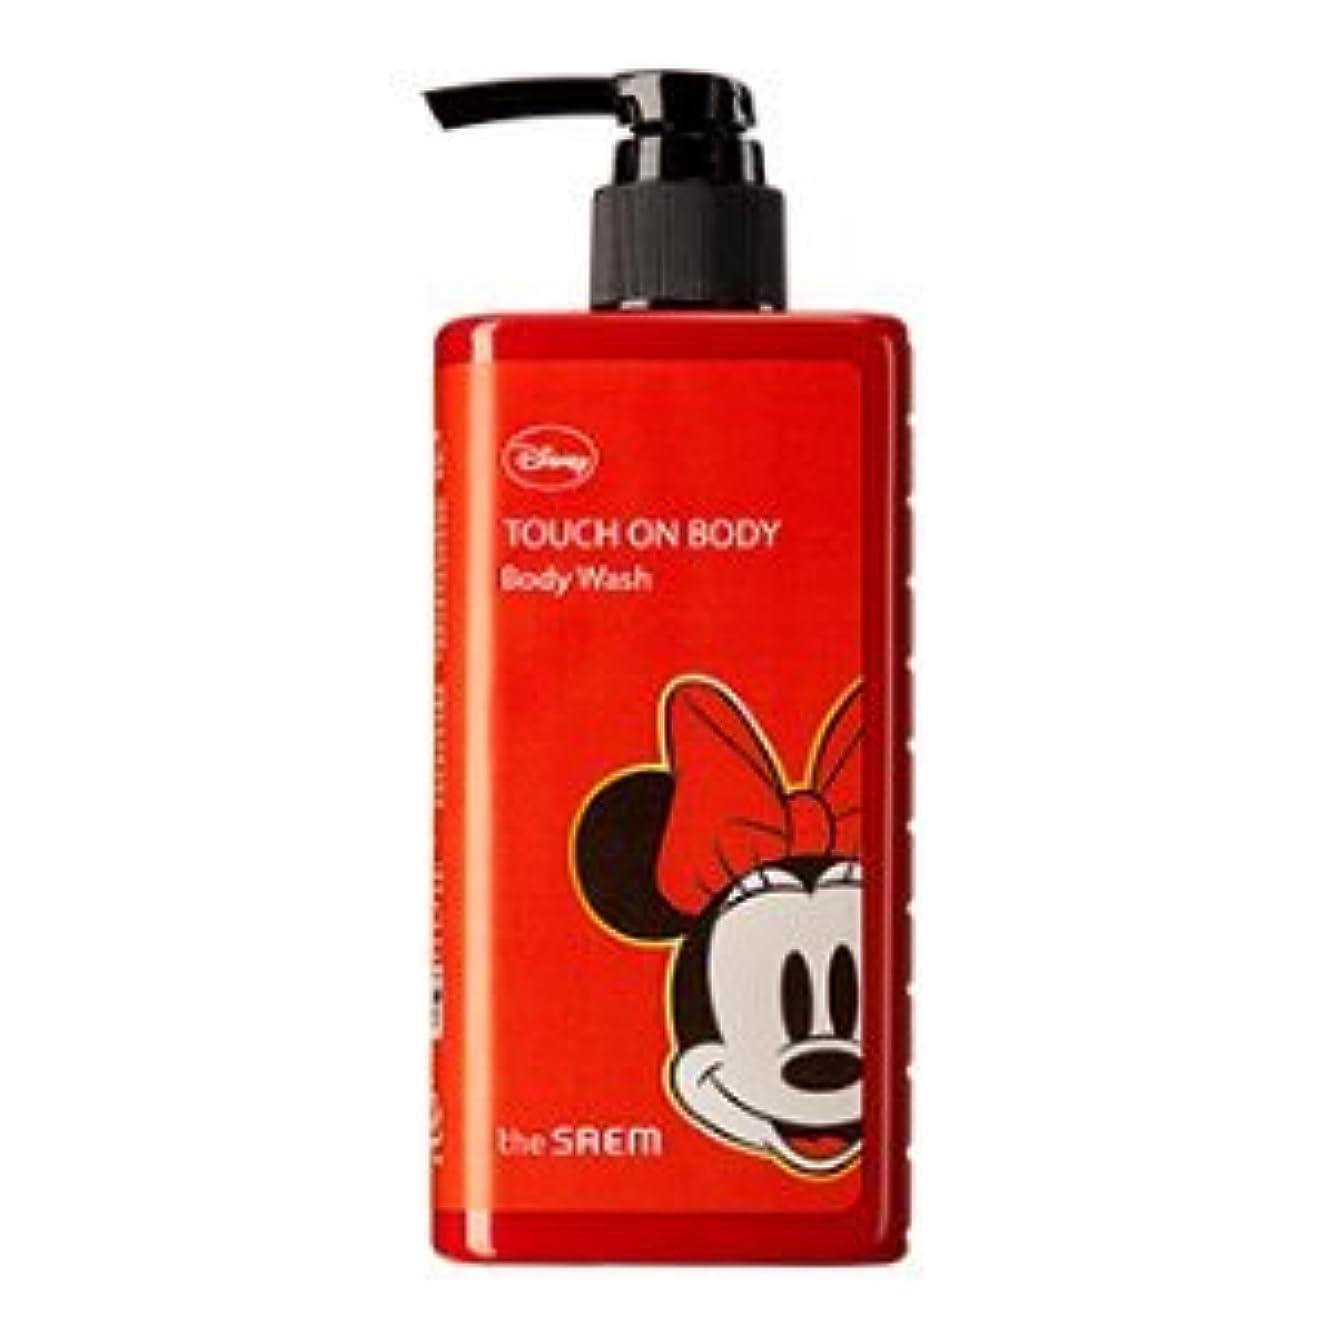 ズームインする容器まともな(The Saem X Disney )Touch On Body Acerola Body Wash 300ml / ザセム タッチオンボディーアセロラボディーウォッシュ (ディズニーエディション) [並行輸入品]